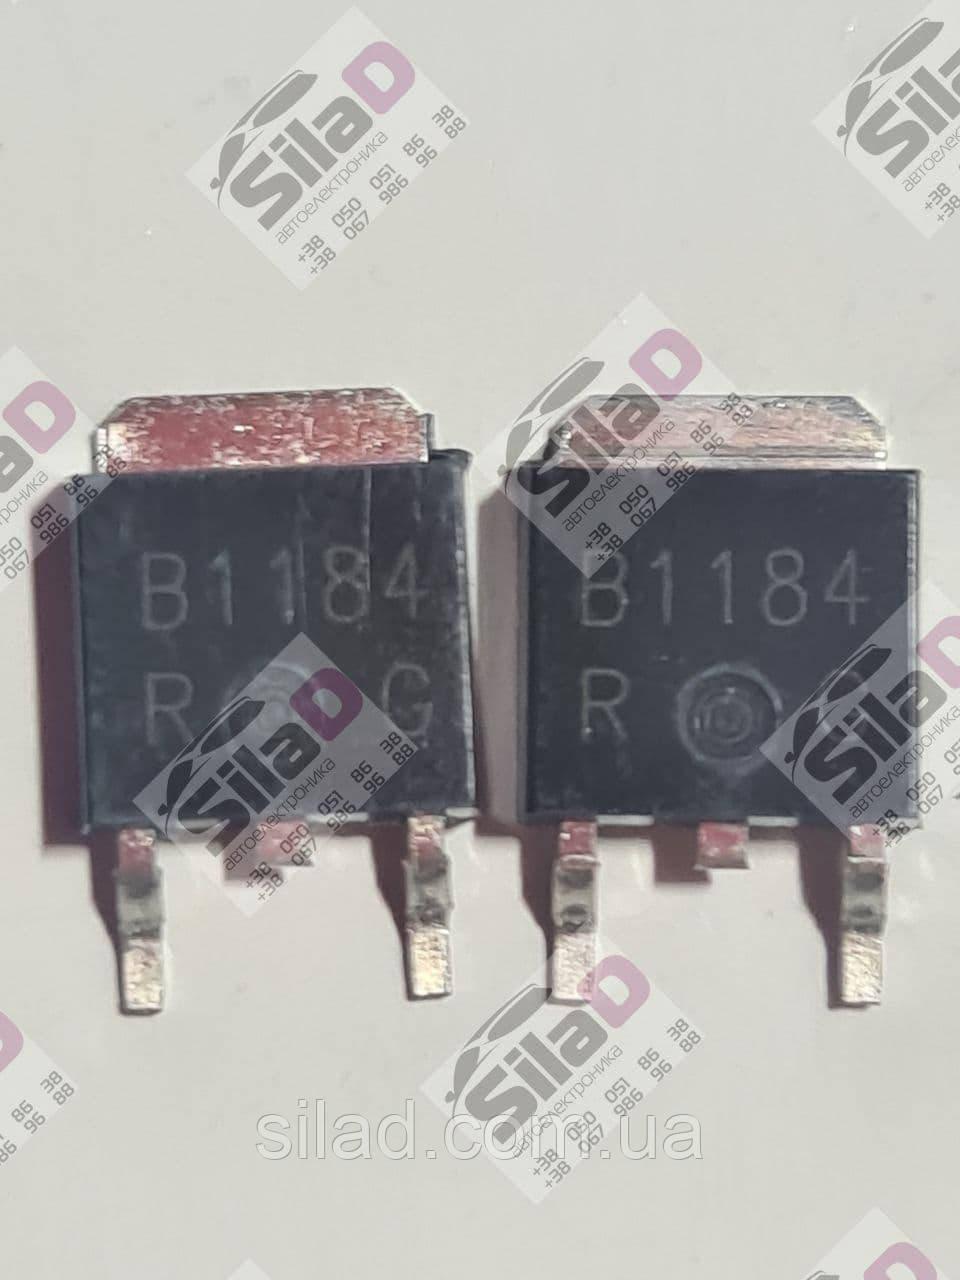 Транзистор 2SB1184 B1184 Rohm корпус TO-252